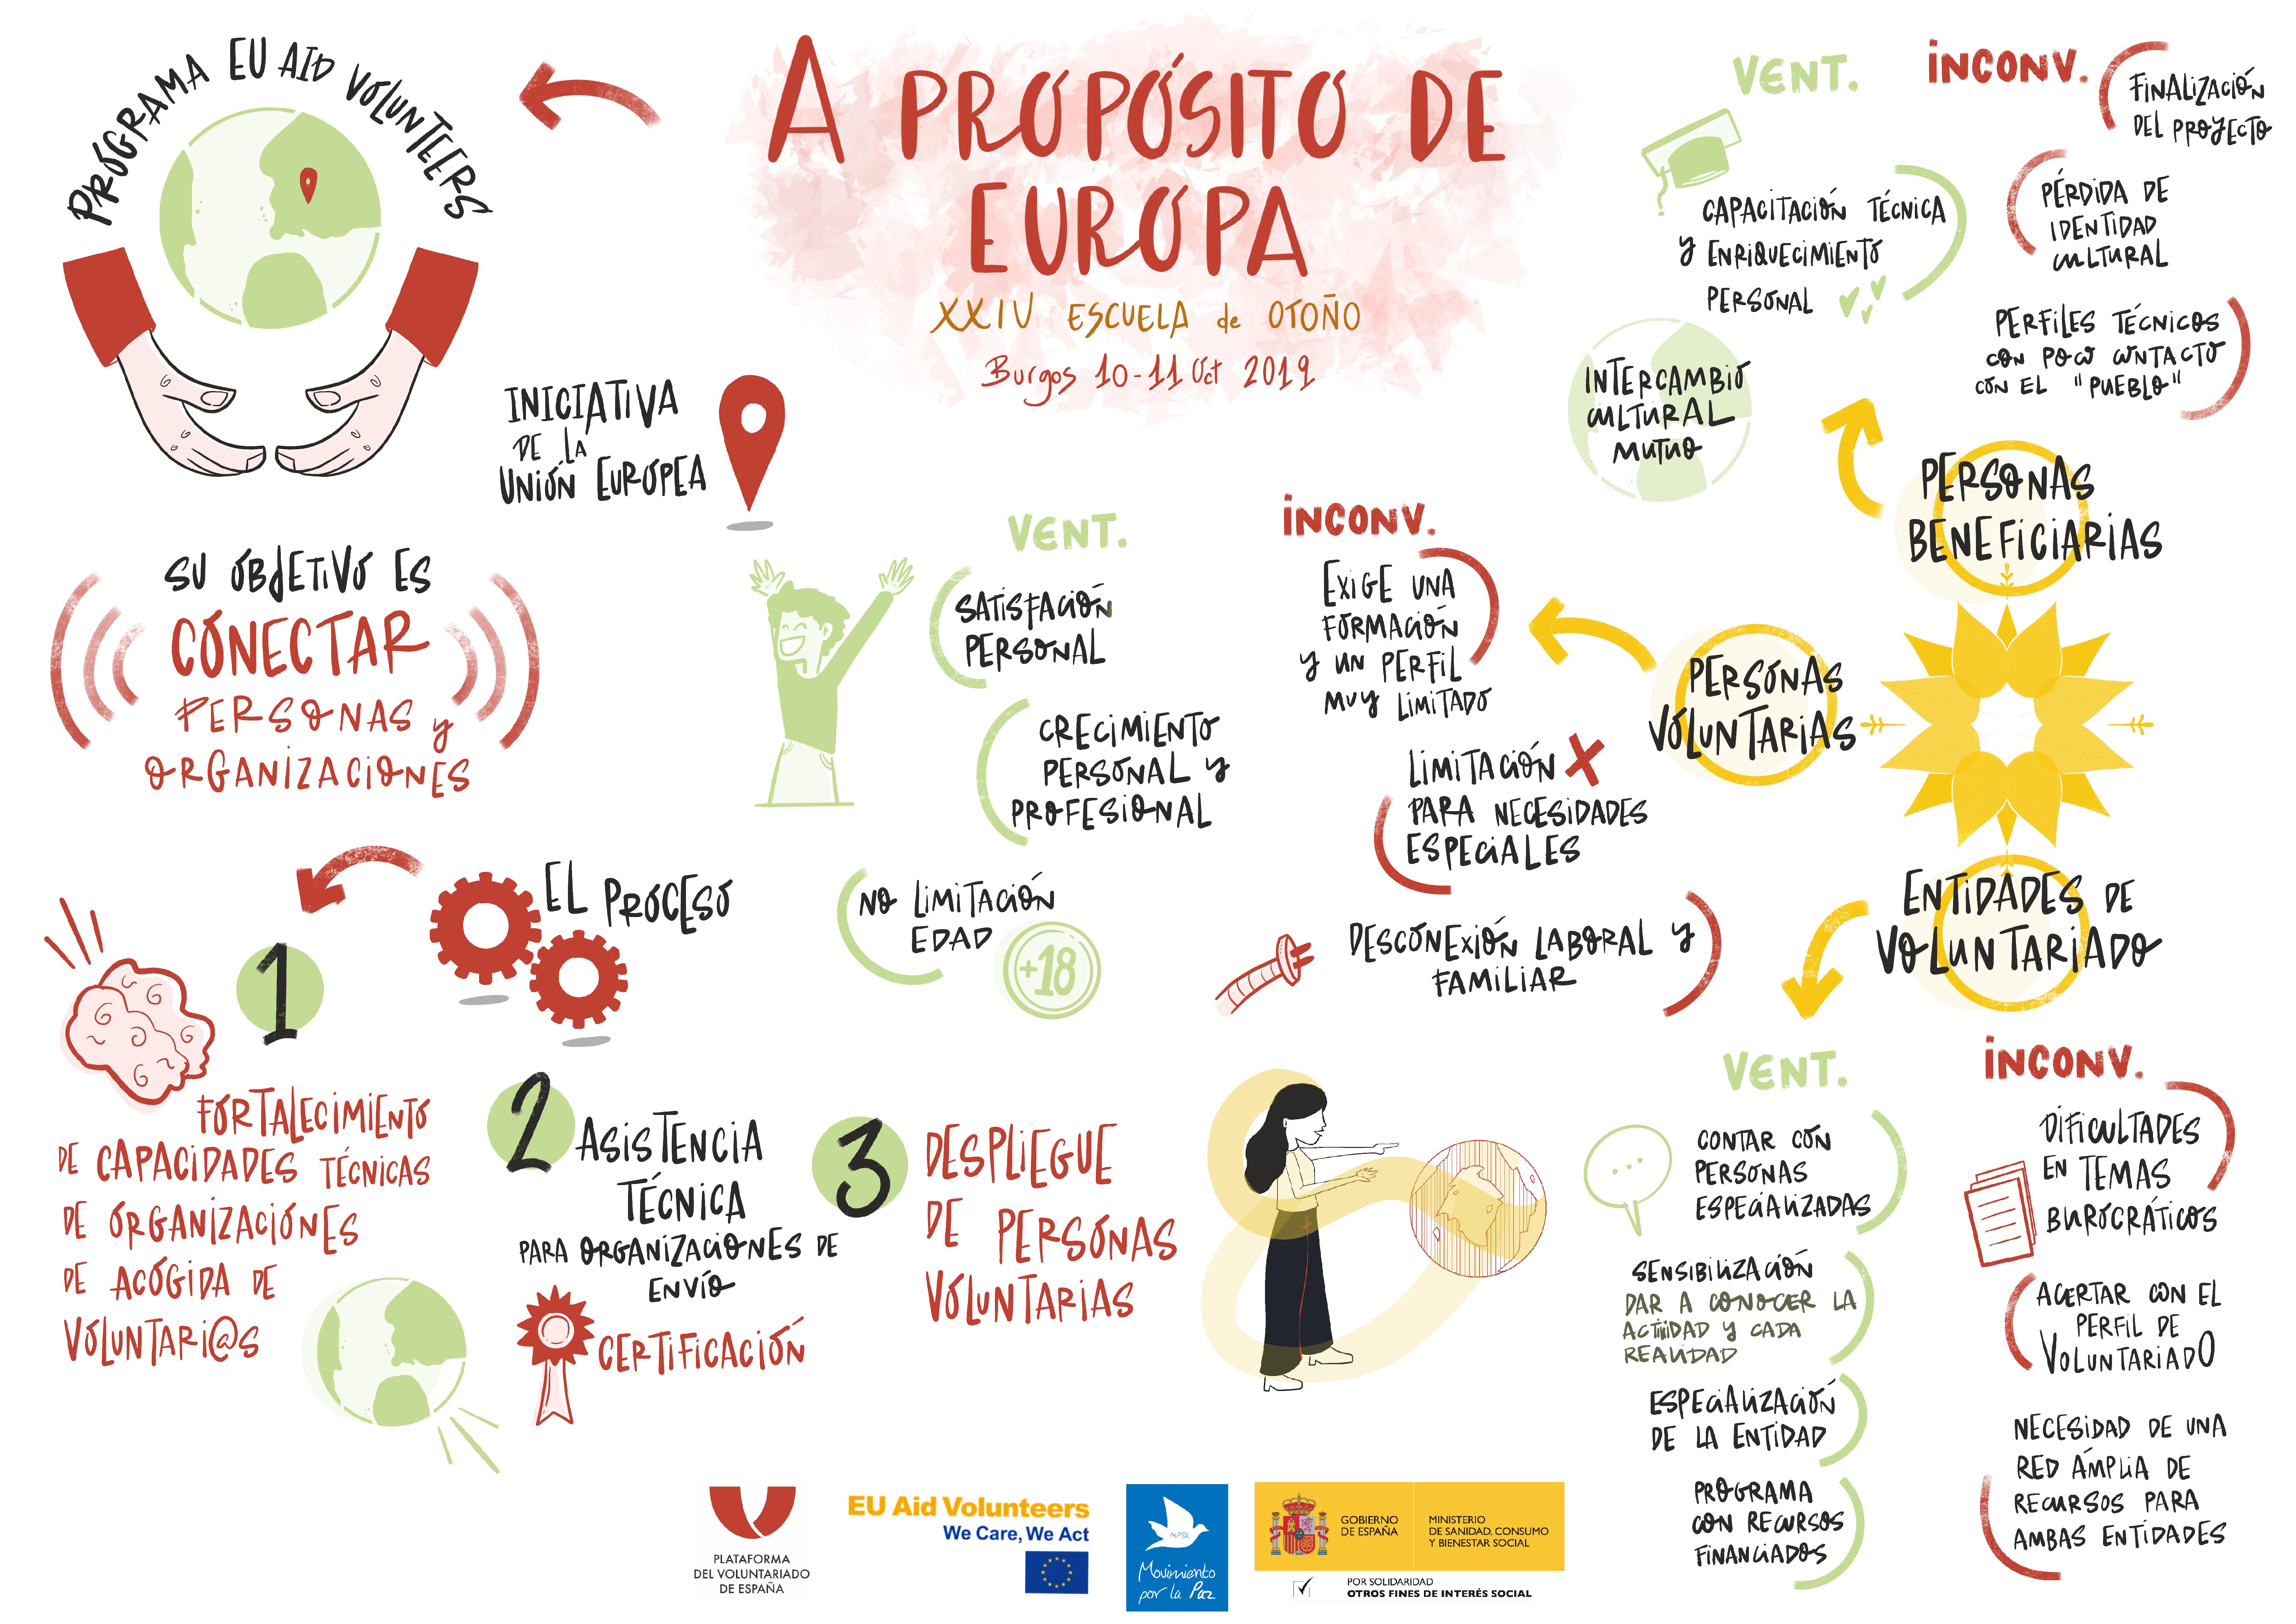 a-proposito-de-europa_programa-eu-aid-volunteers